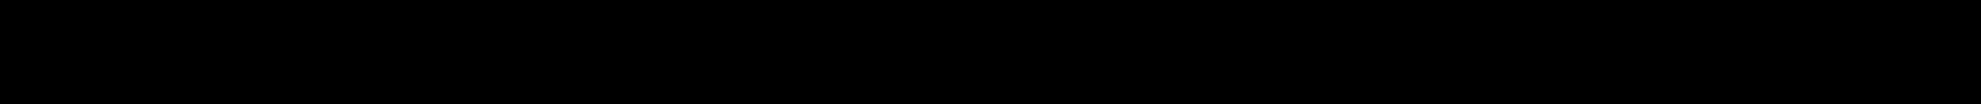 DORATEYMUR